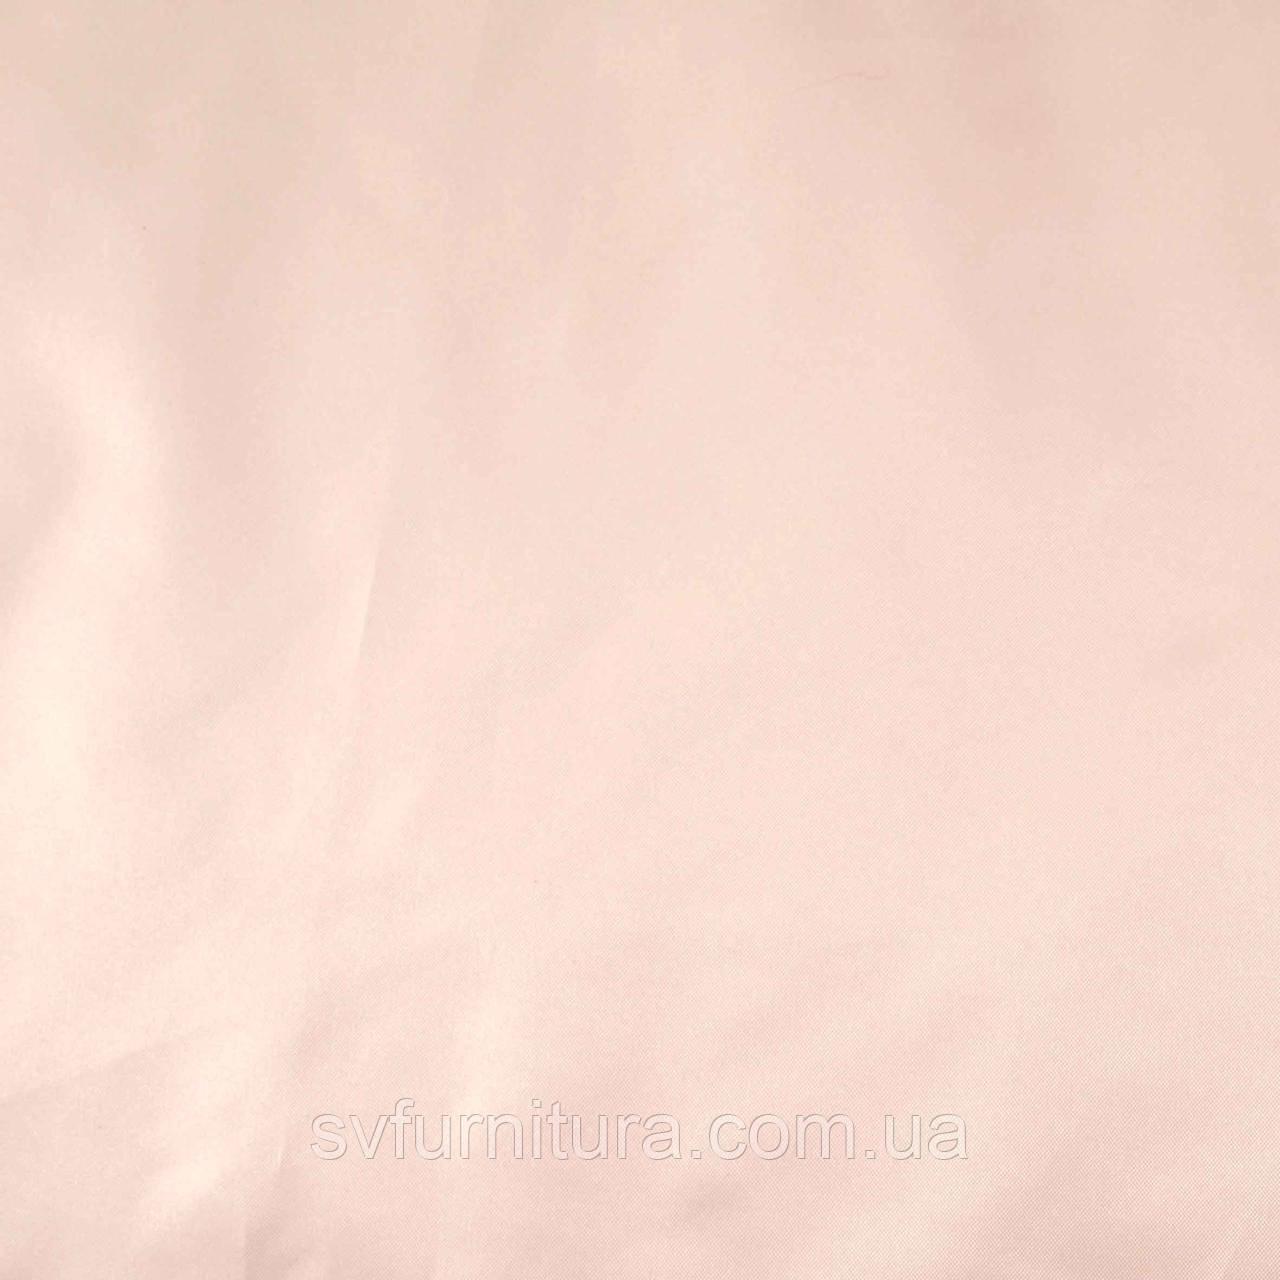 Тканина плащівка АА1 2020 18